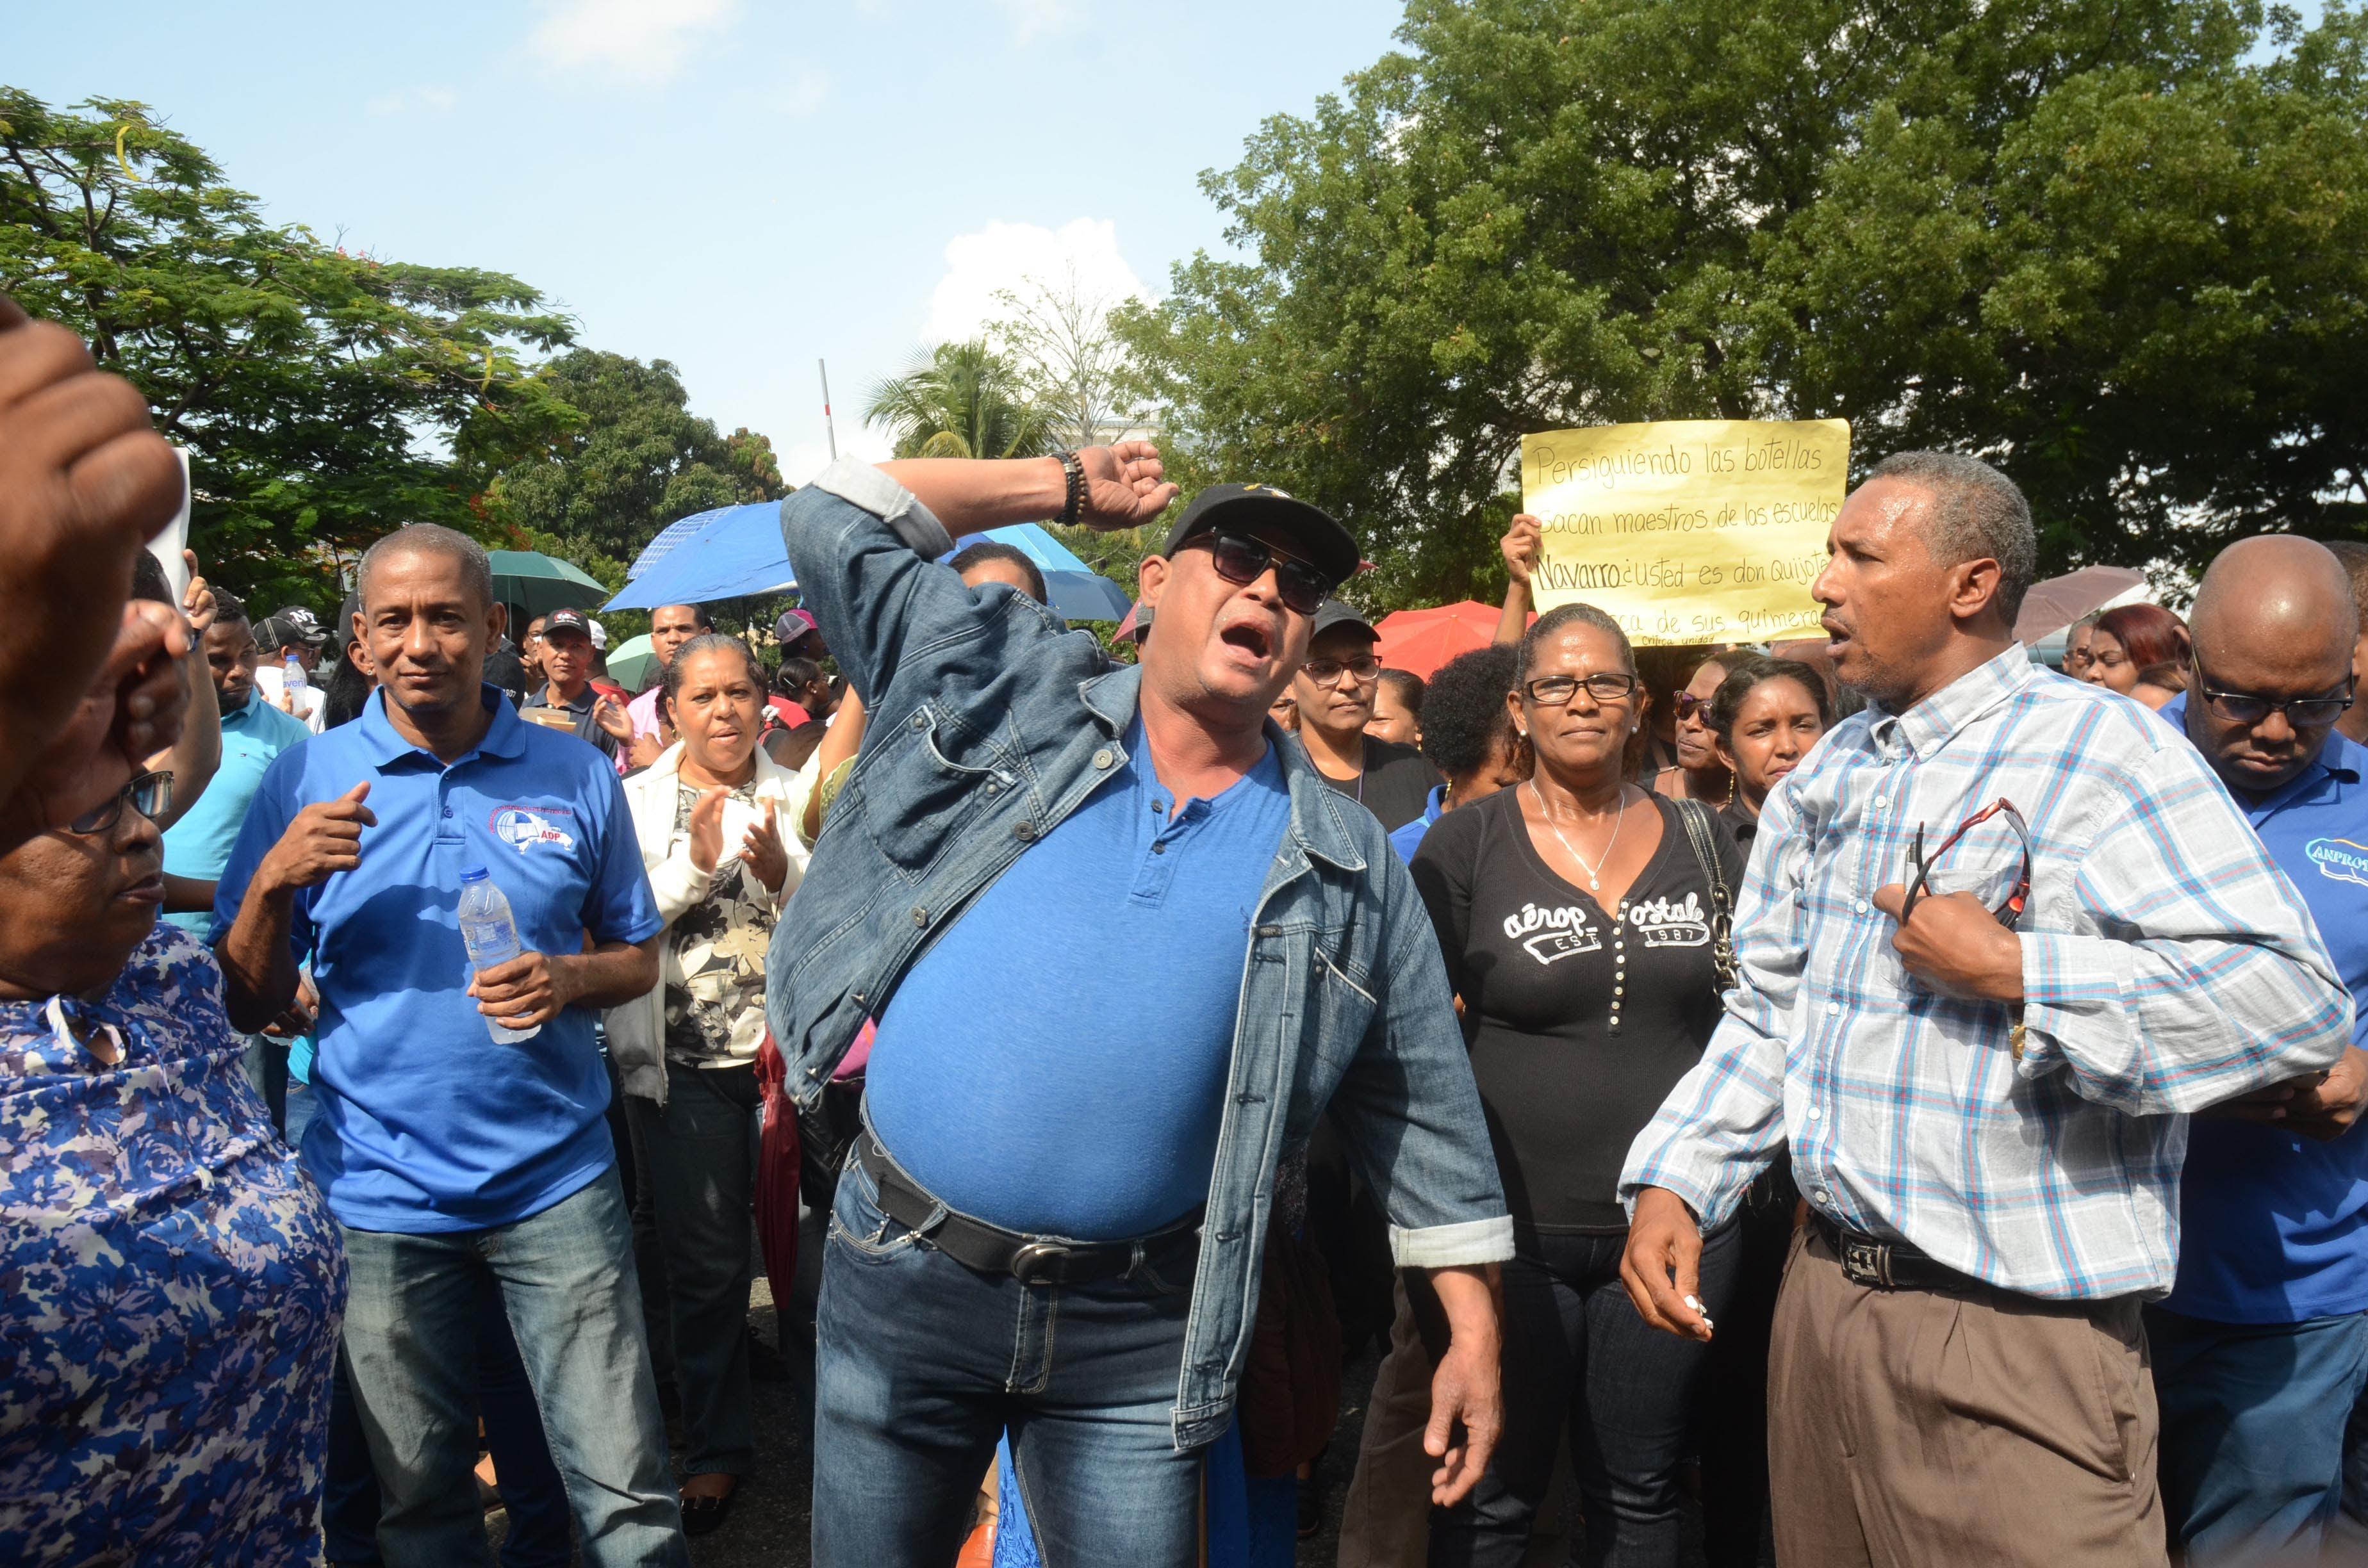 Asociación Dominicana de Profesores (ADP) demandó del Ministerio de Educación (MINERD) que sean desbloqueados y repuestos en sus centros, durante una protesta en la MINERD Santo Domingo República Dominicana, 23  de agosto del 2017. Foto Pedro Sosa